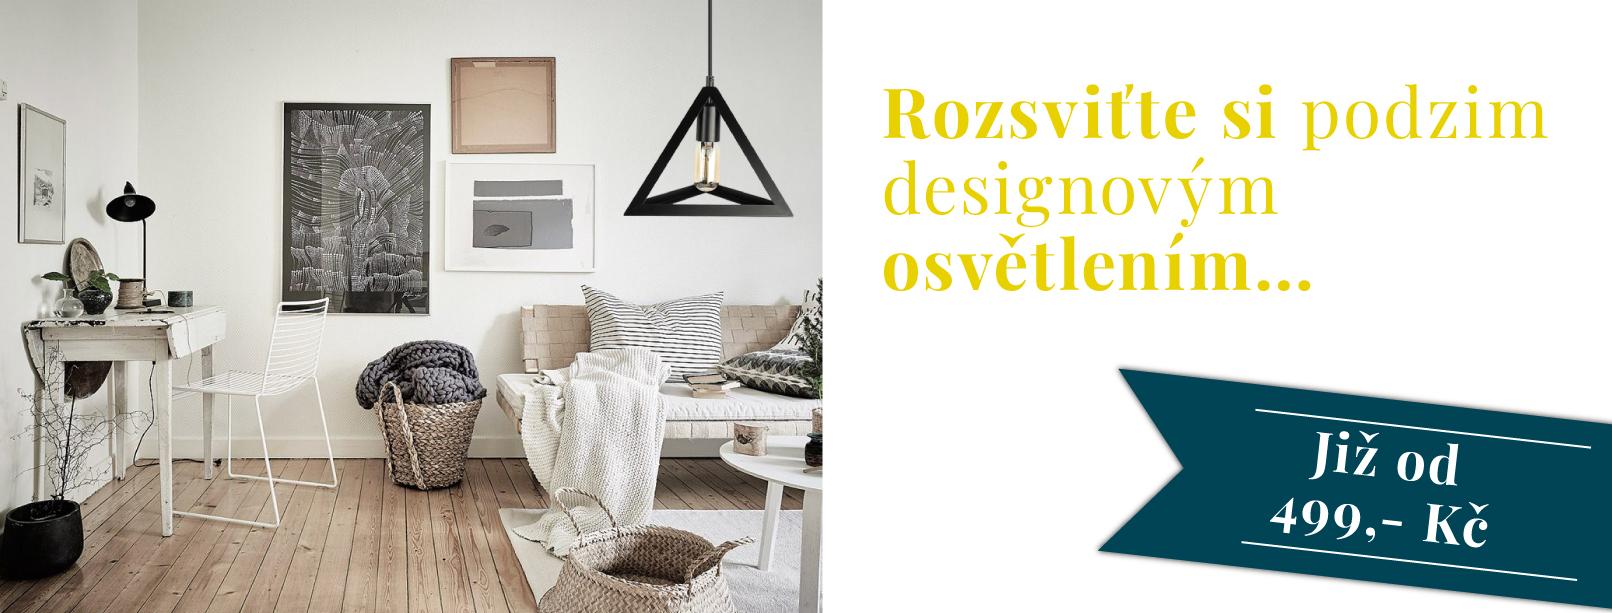 Rozsviťte si podzim s naším designovým osvětlením